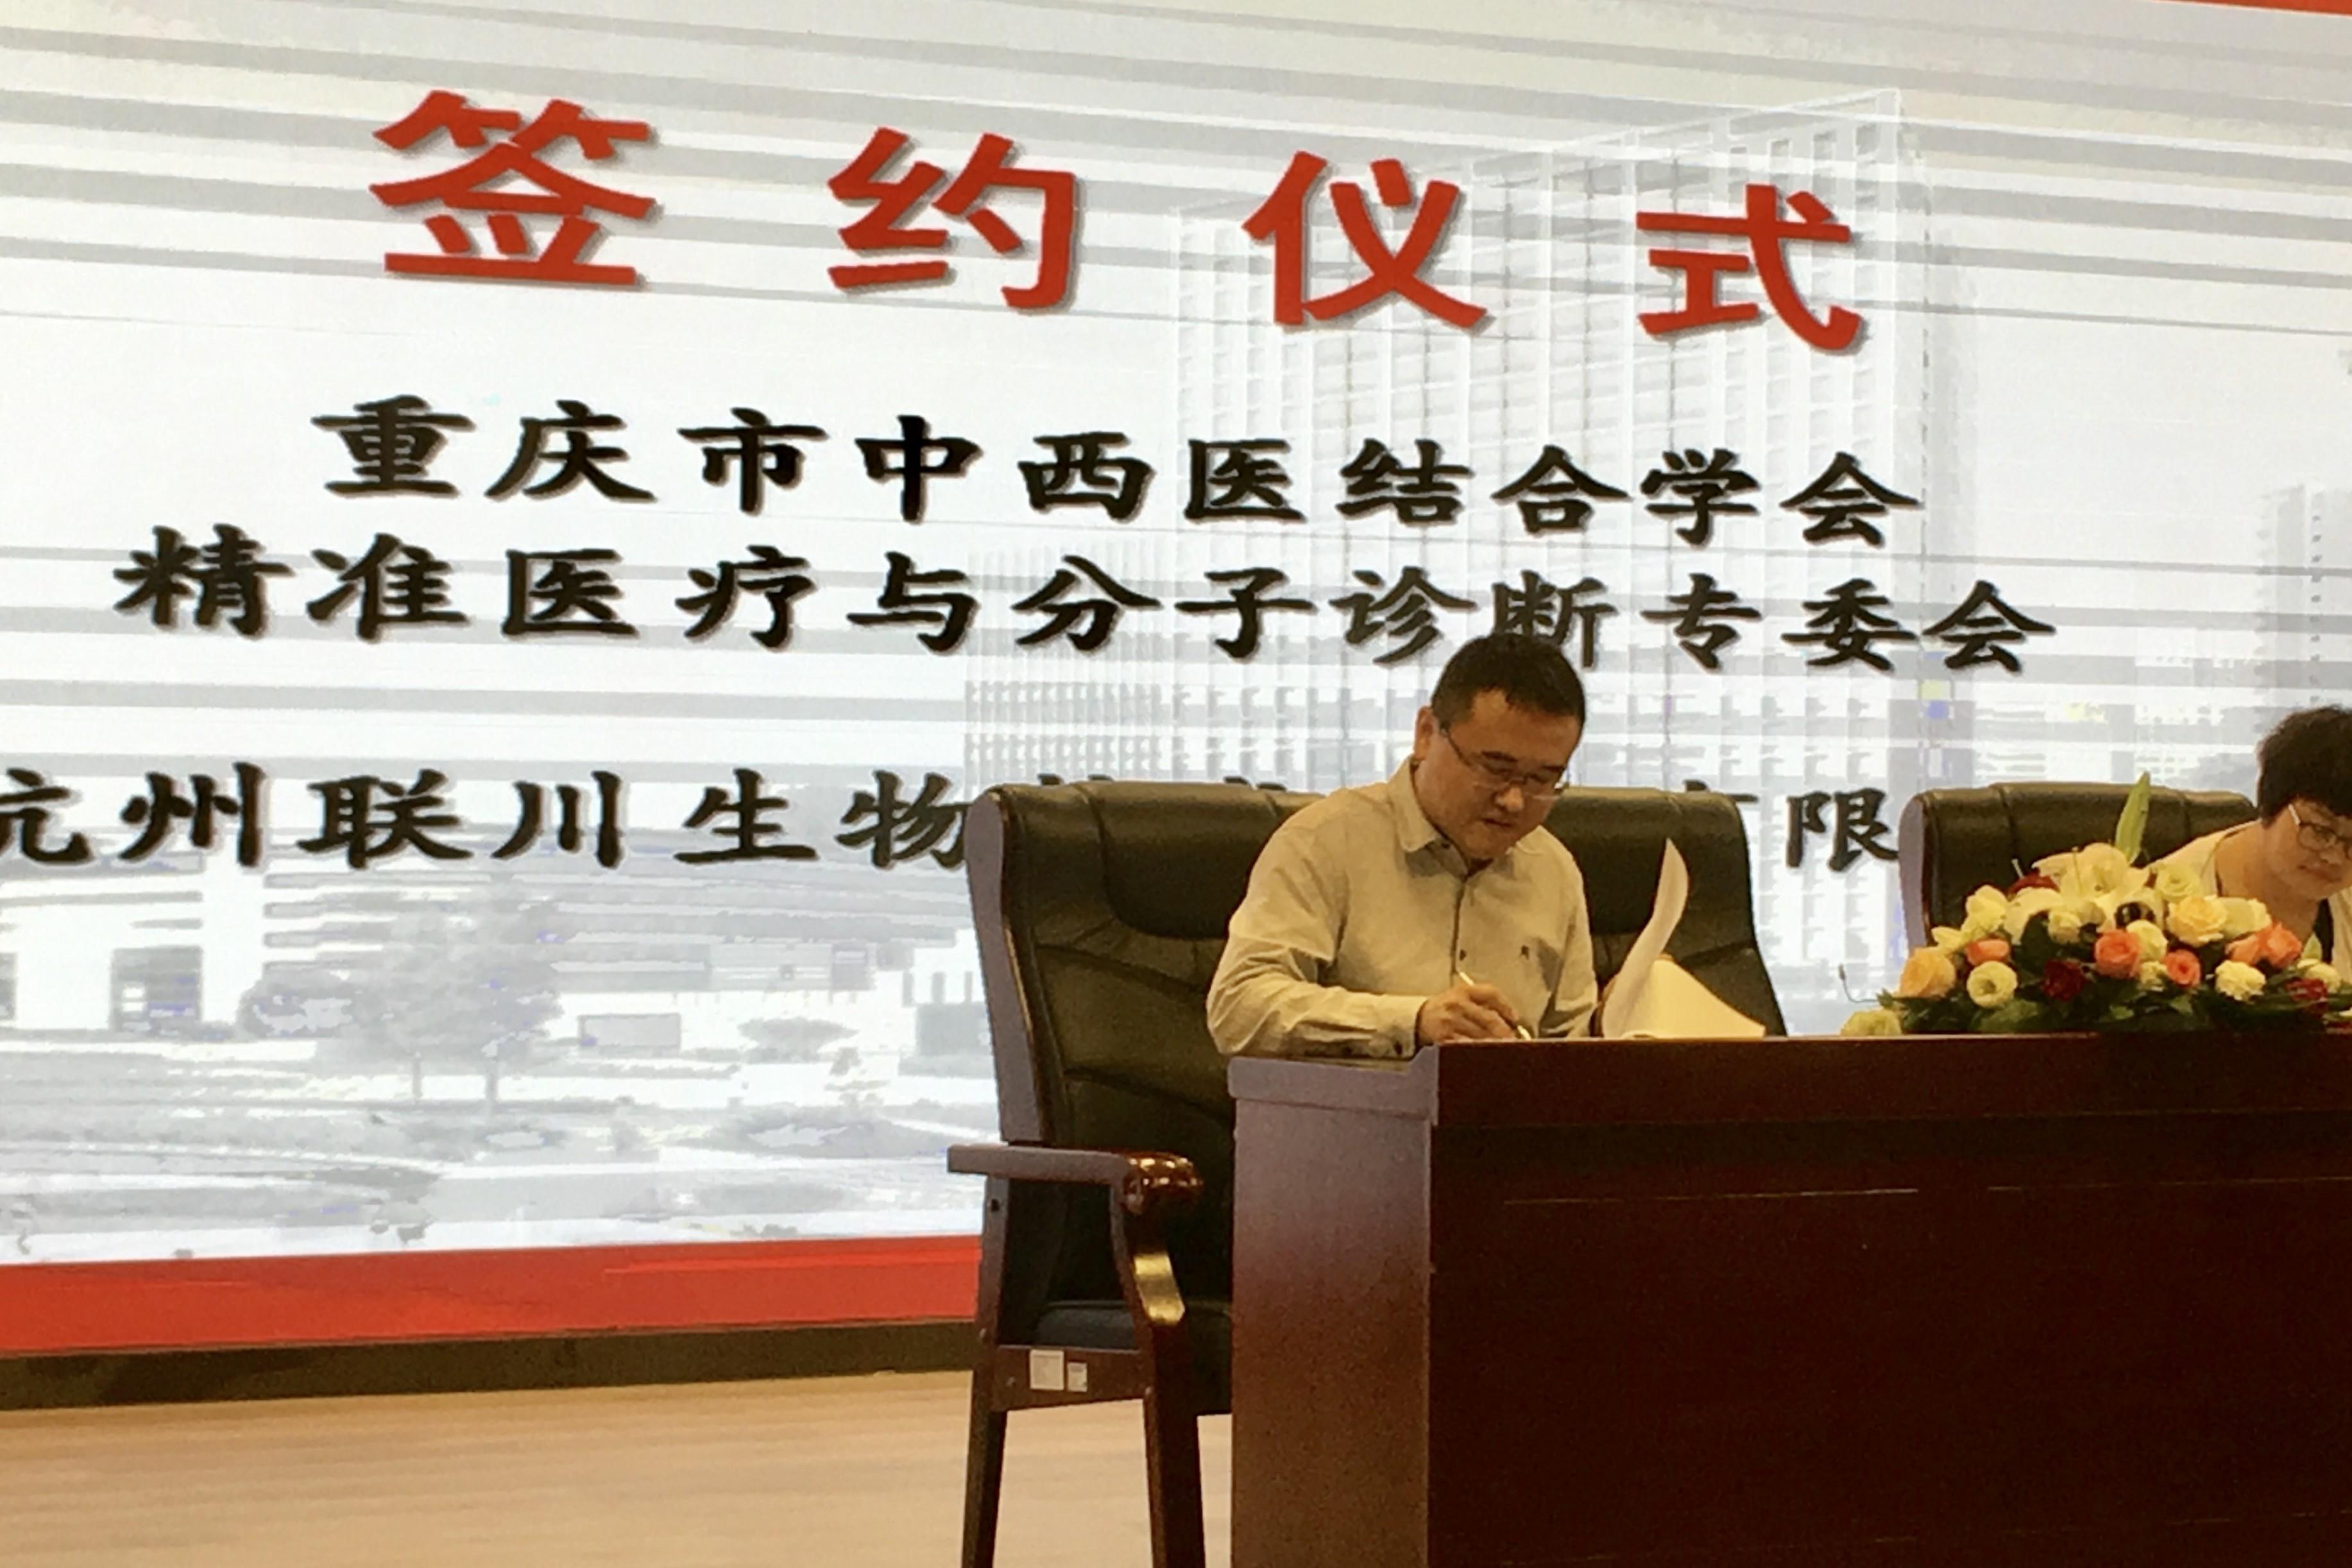 聯川生物與重慶市中西醫結合學會精準醫療與分子診斷專委會簽署戰略合作